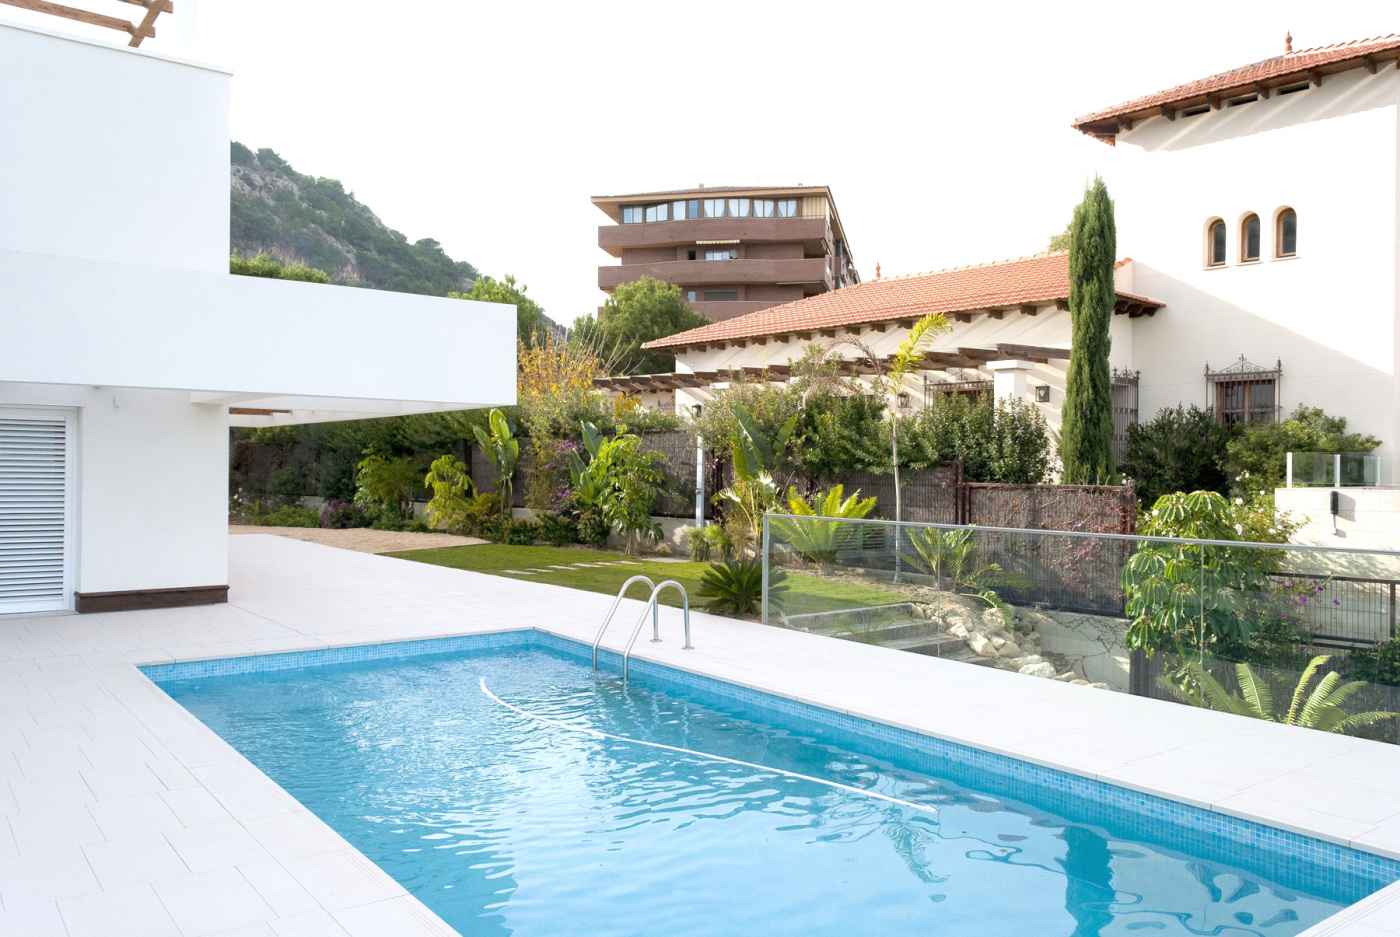 Jardin Minimalista Con Estanque Y Cascada Land8 - Jardin-minimalista